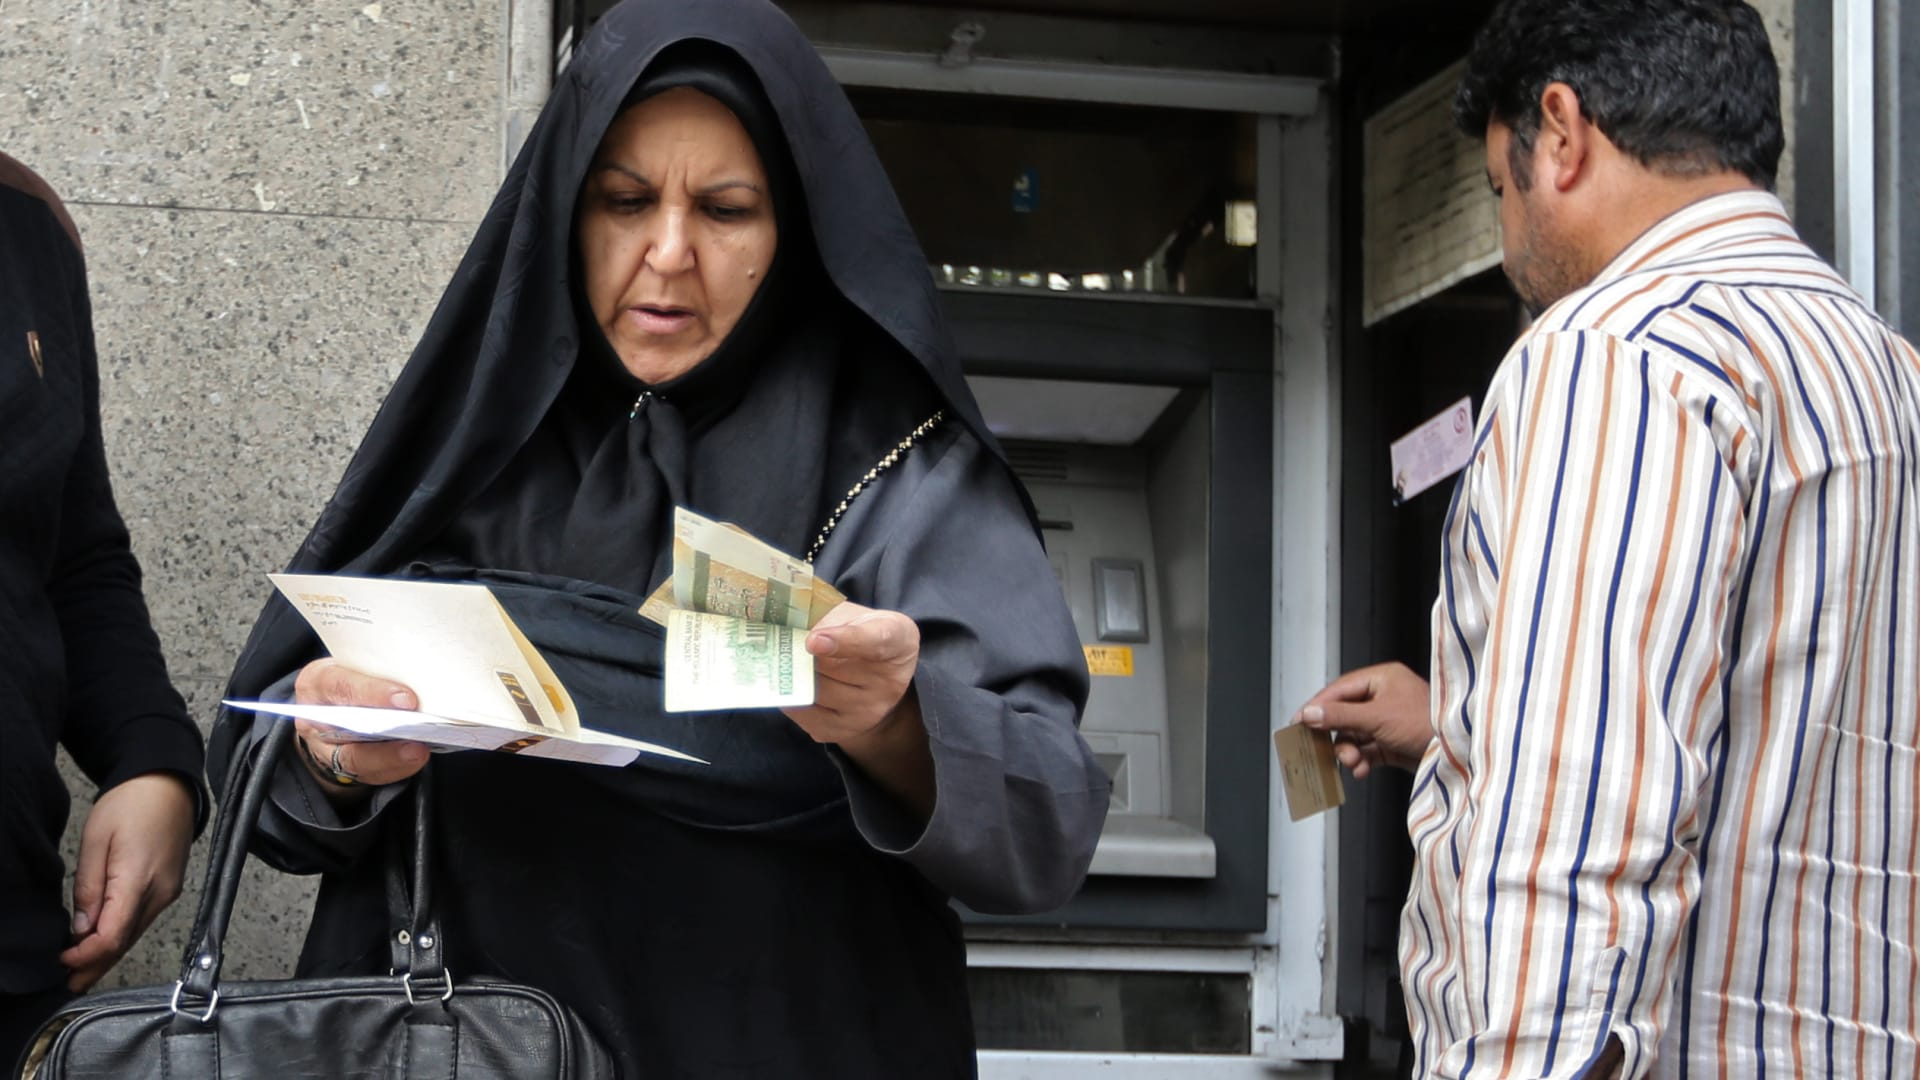 العقوبات على النفط الإيراني.. هل يُعيد التاريخ نفسه وتقفز ال